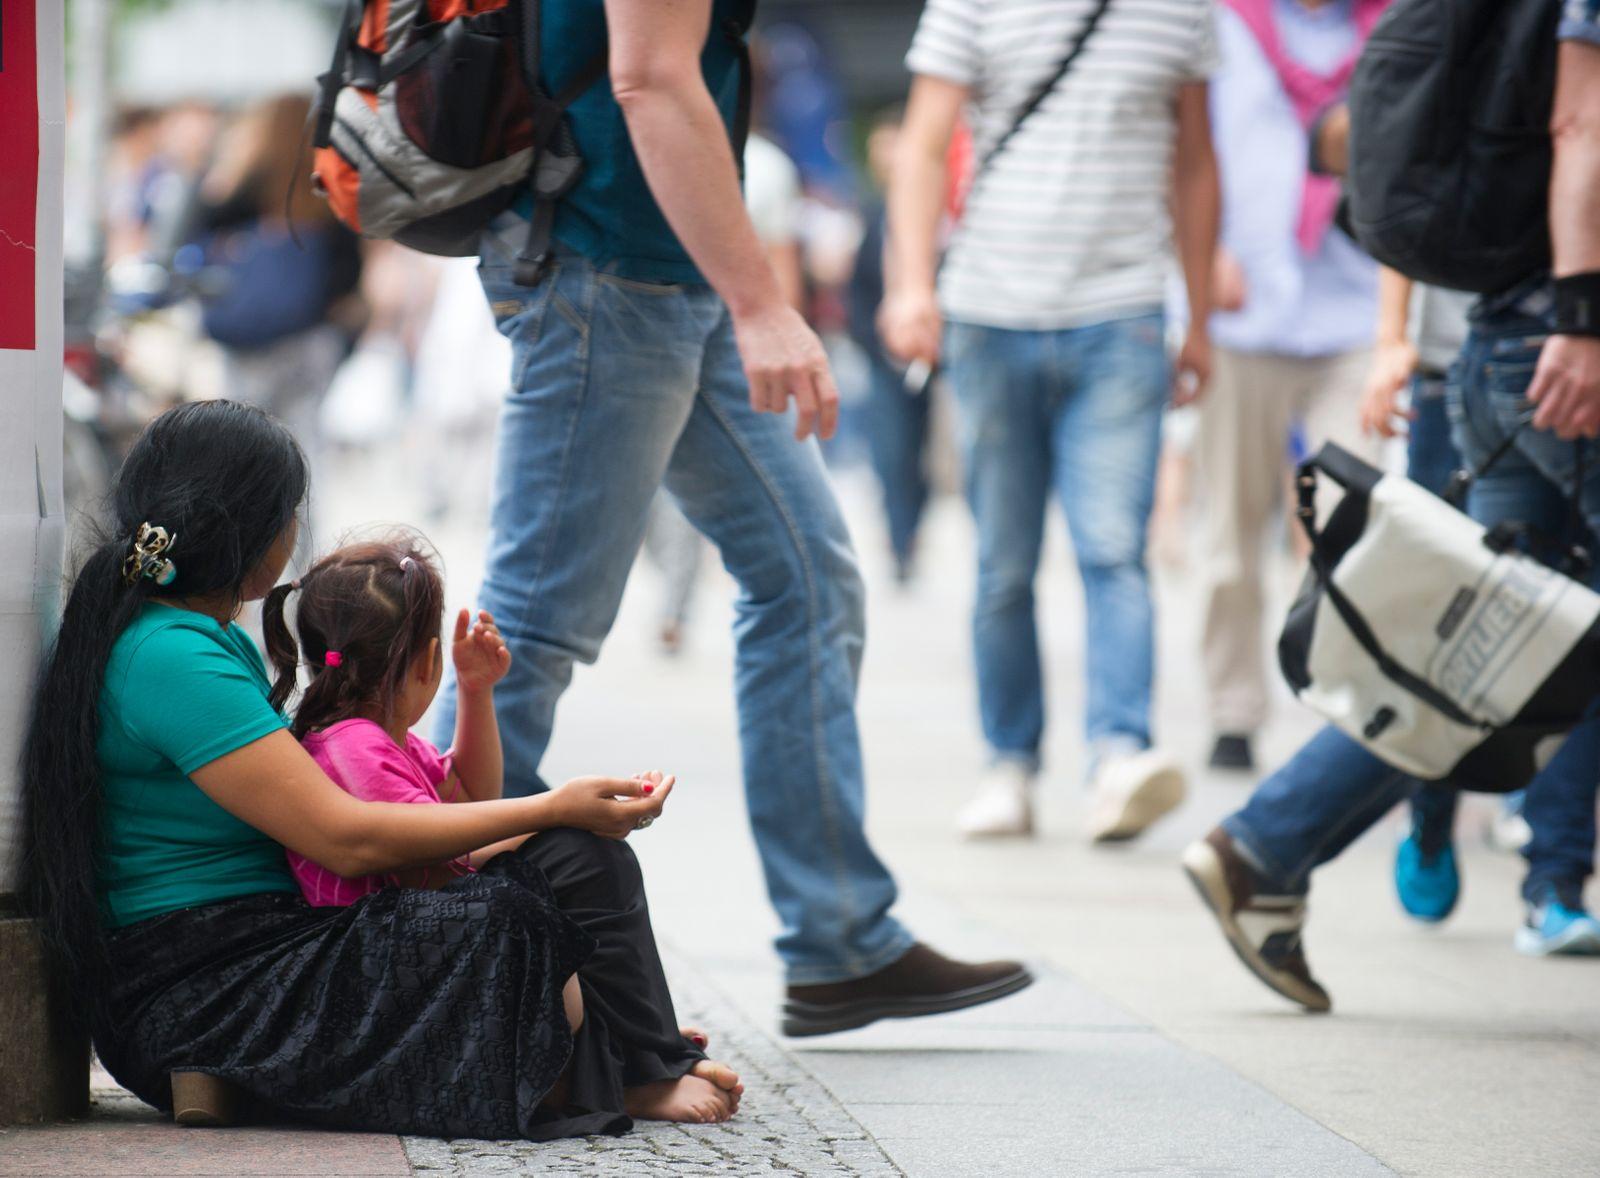 Armut in Deutschland; Bettlerin mit Kind, Berlin